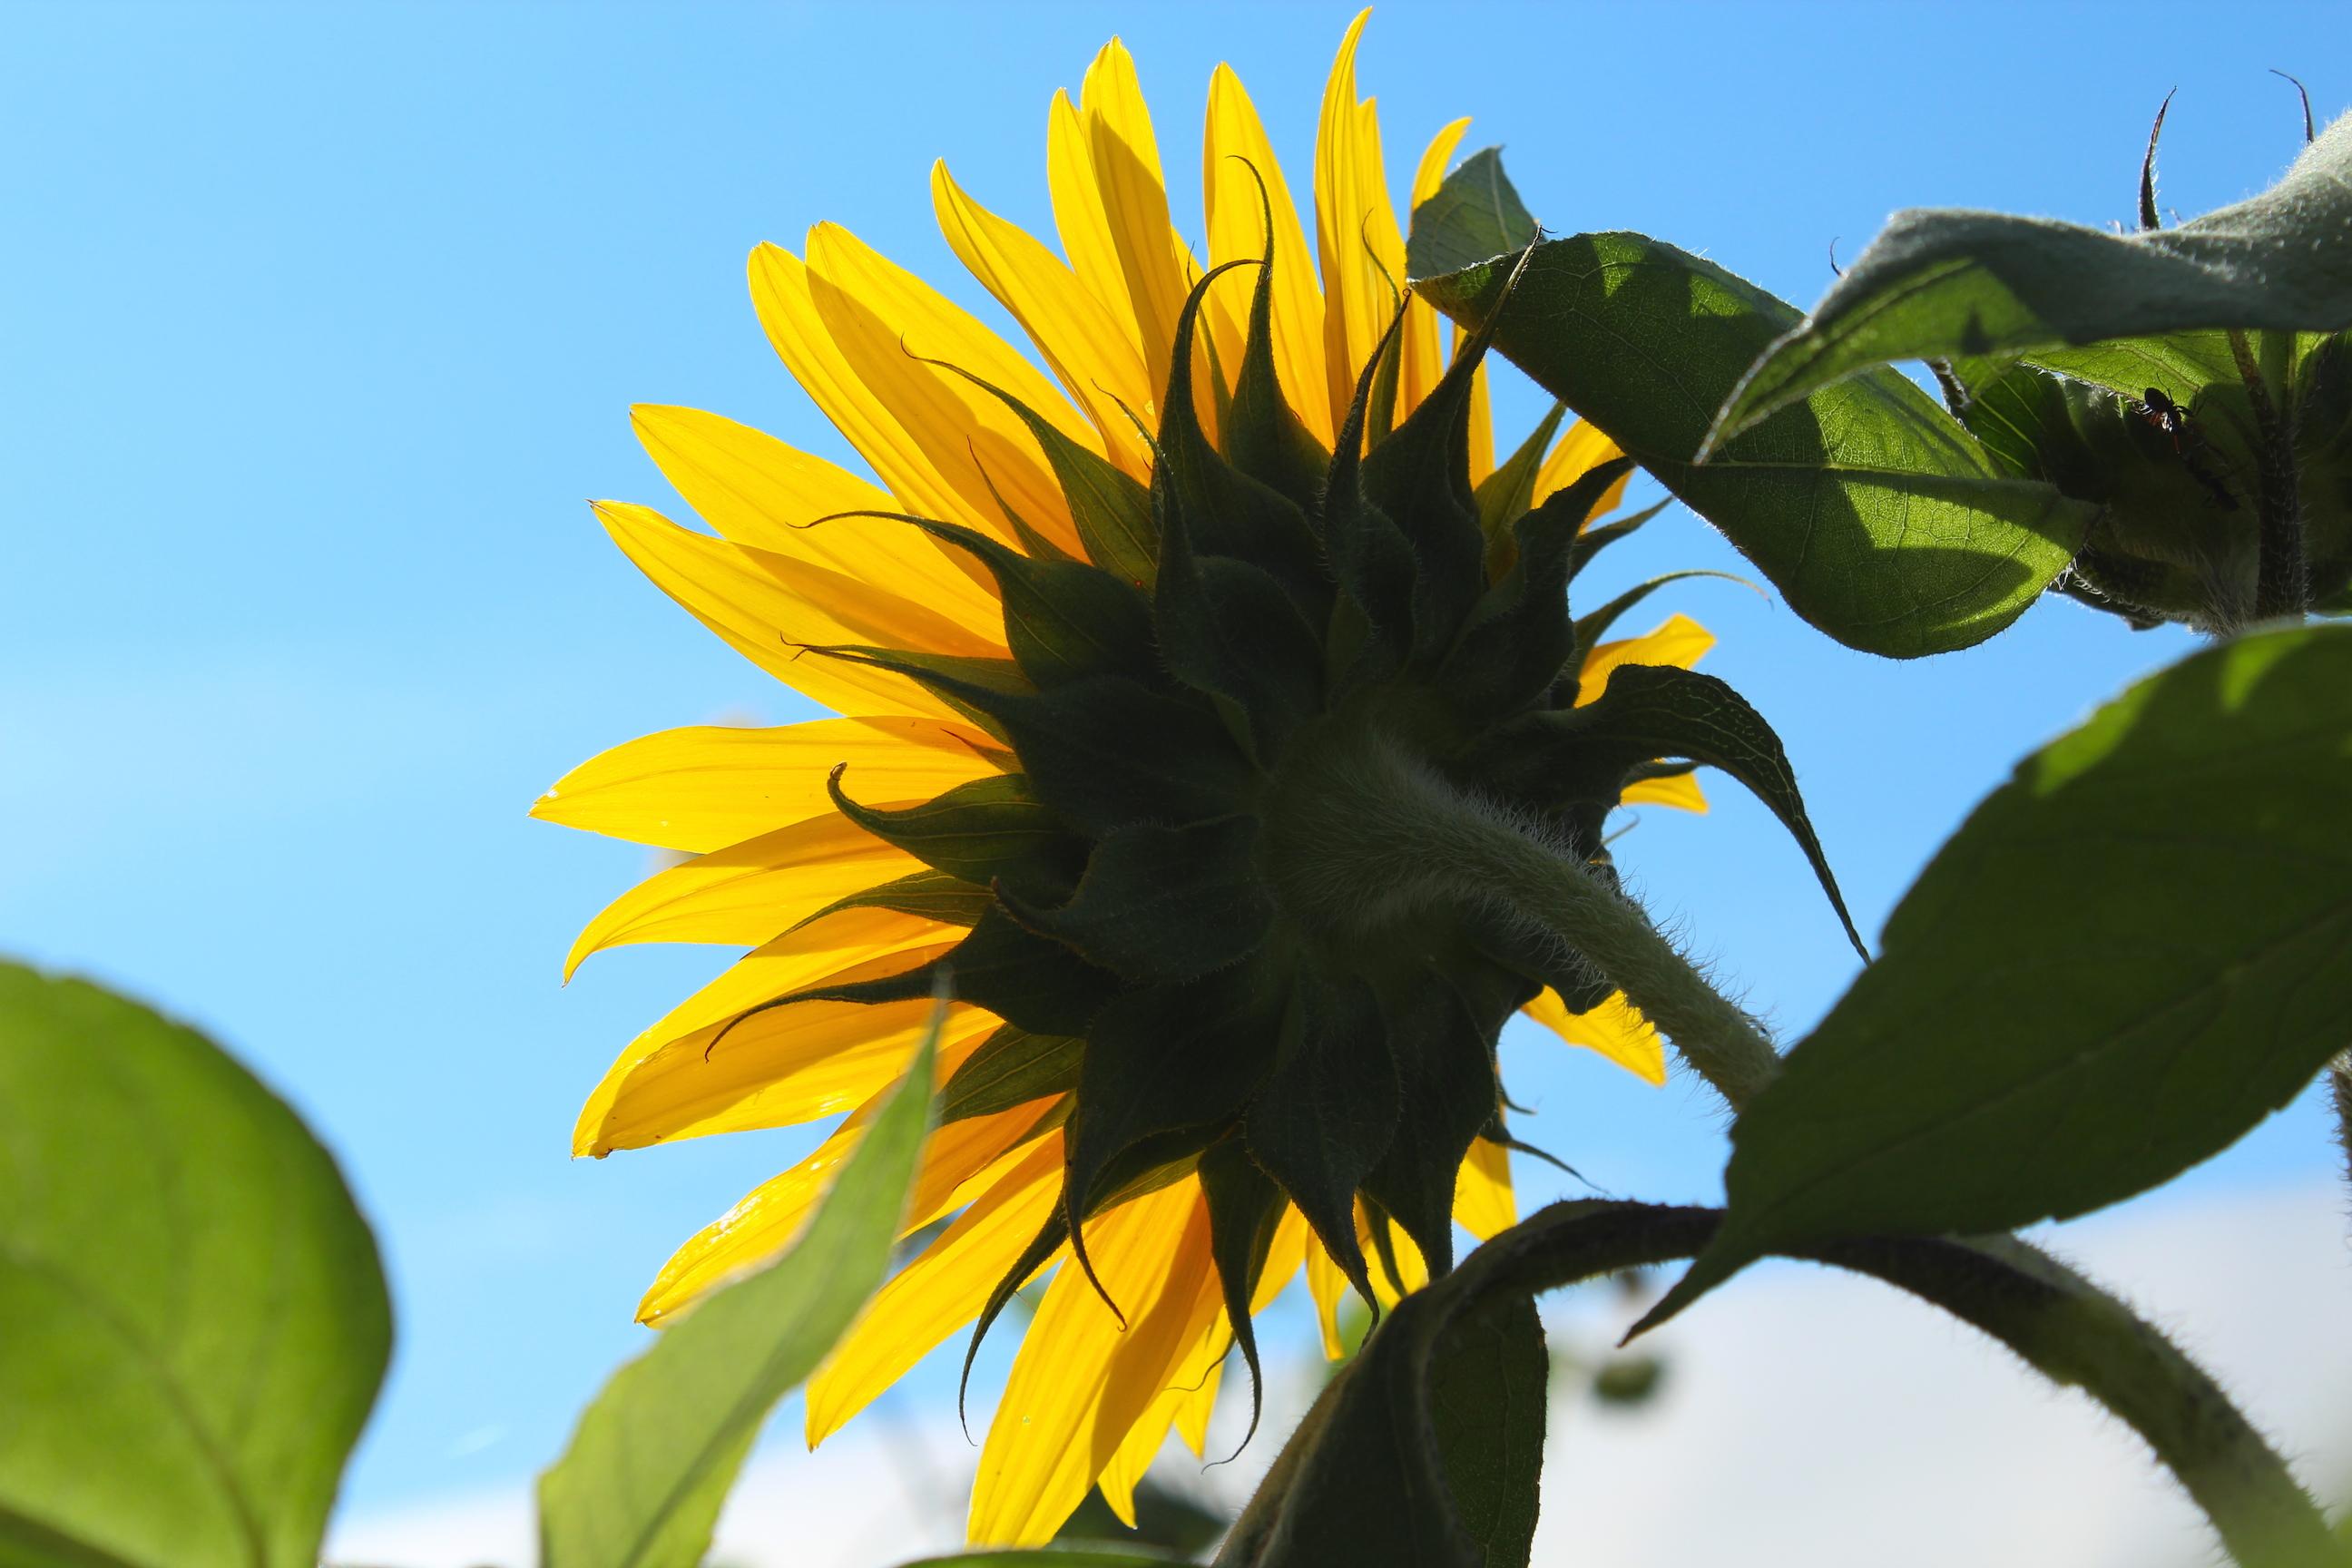 Illuminated sunflower (Rebekah Carter 2014)